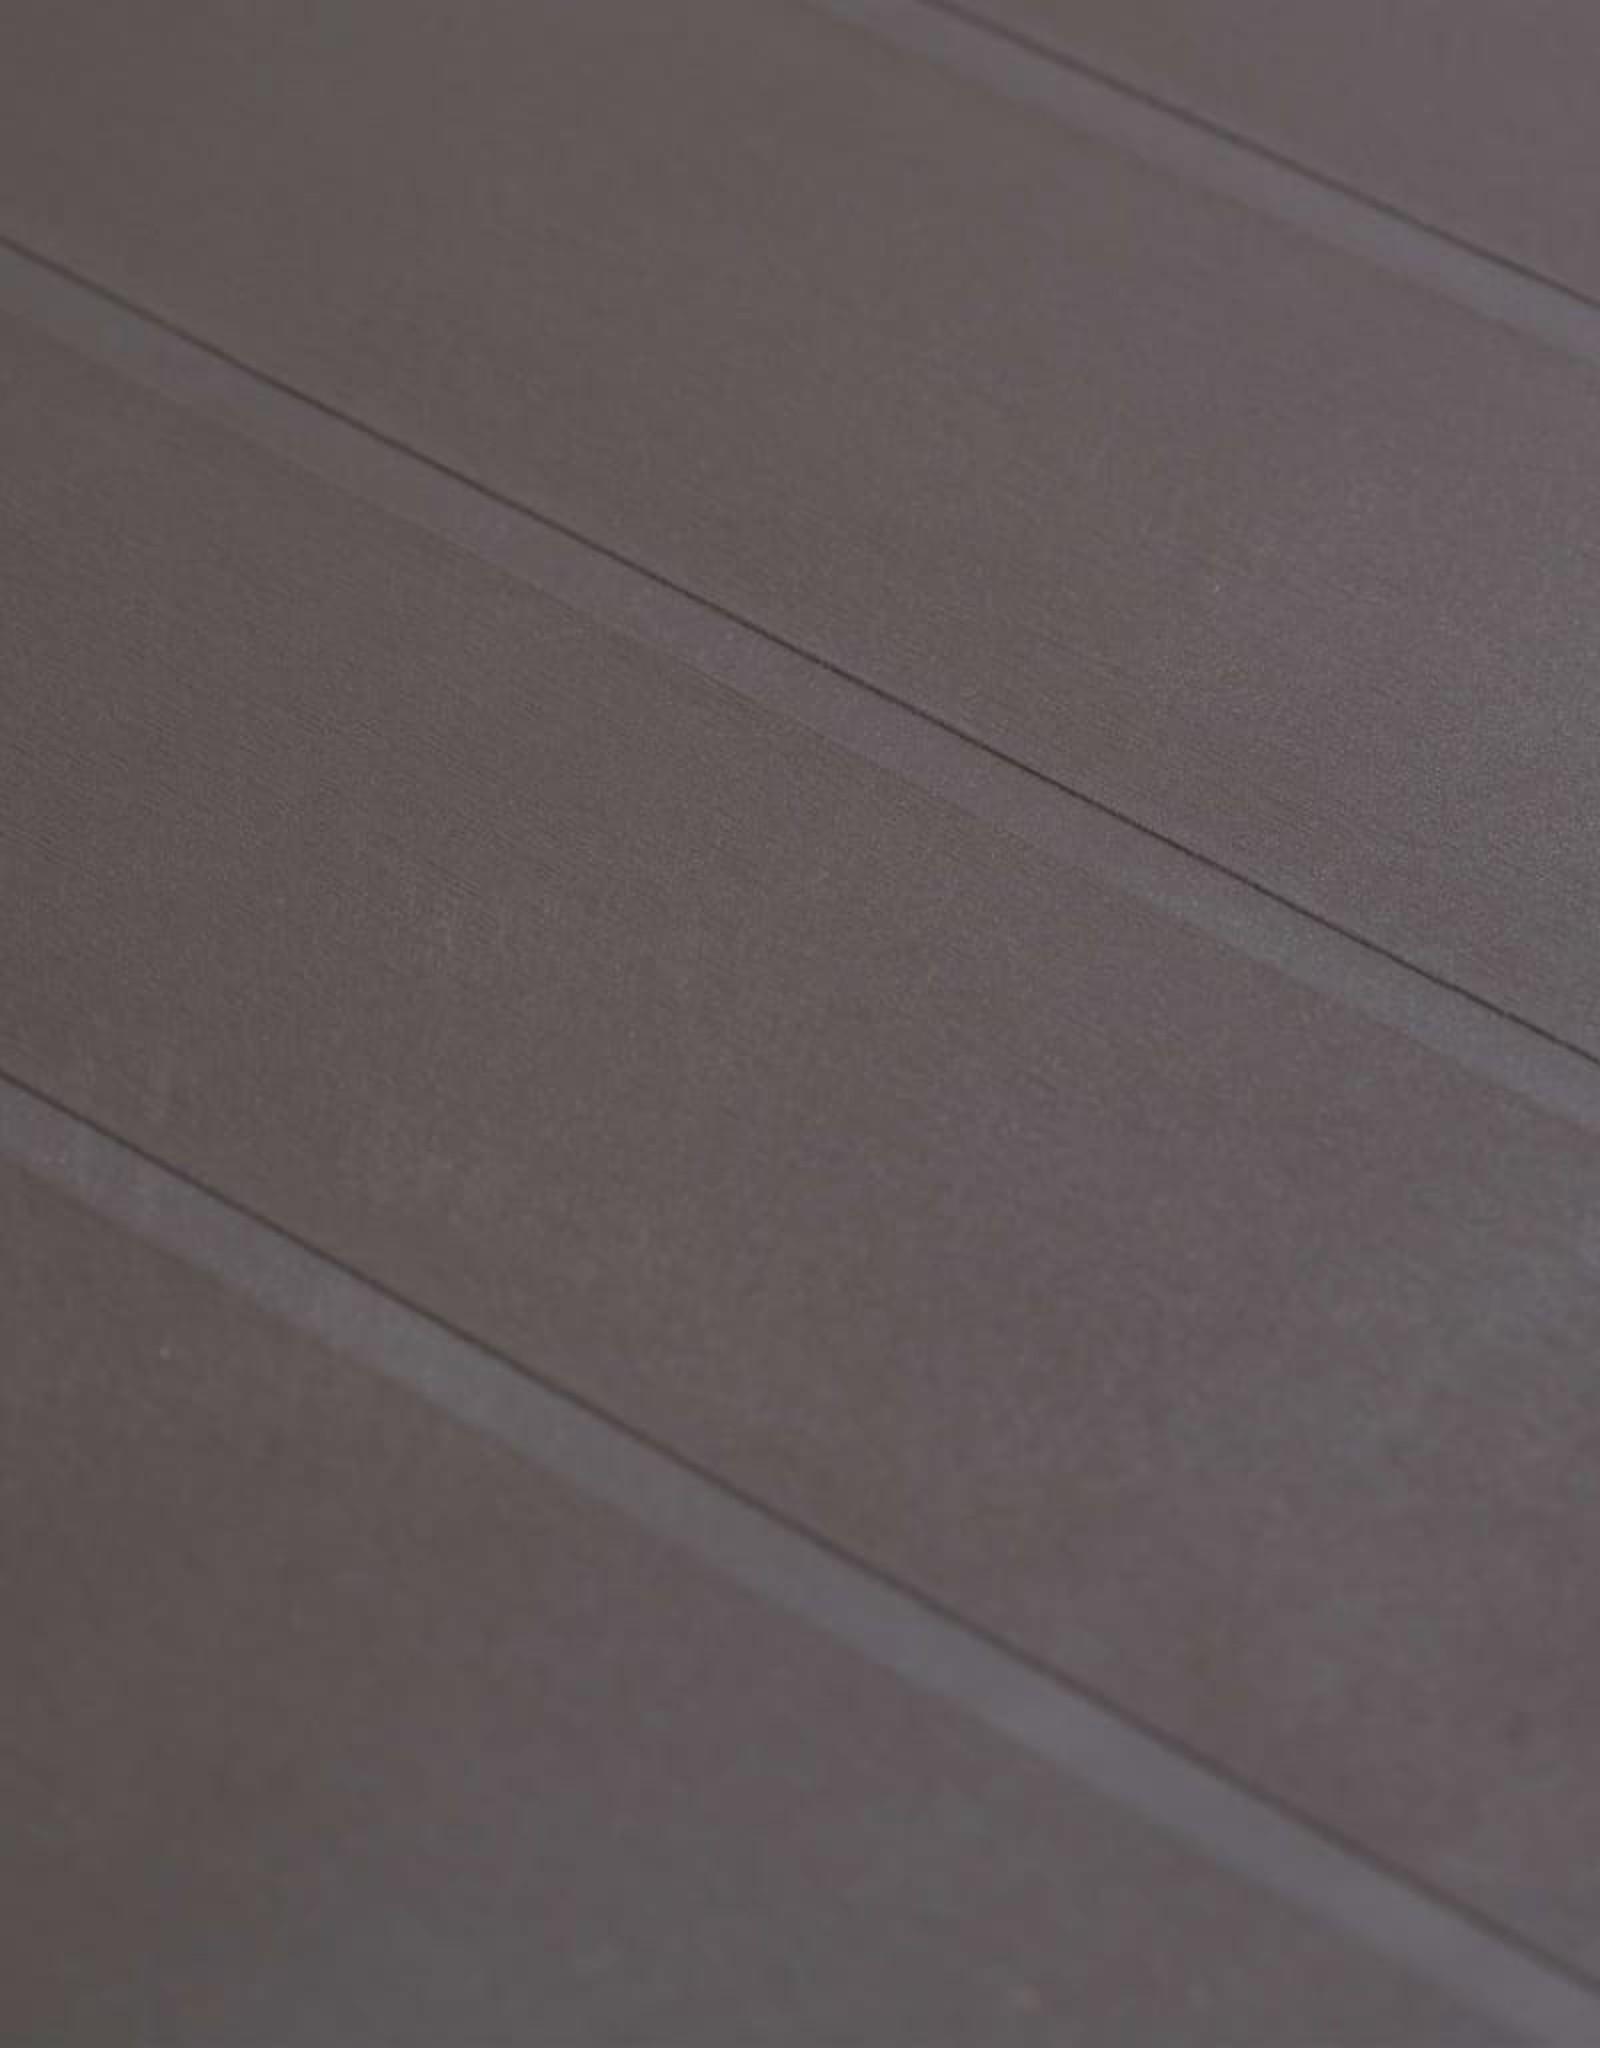 vidaXL 5-delige Tuinset rattan-look kunststof bruin